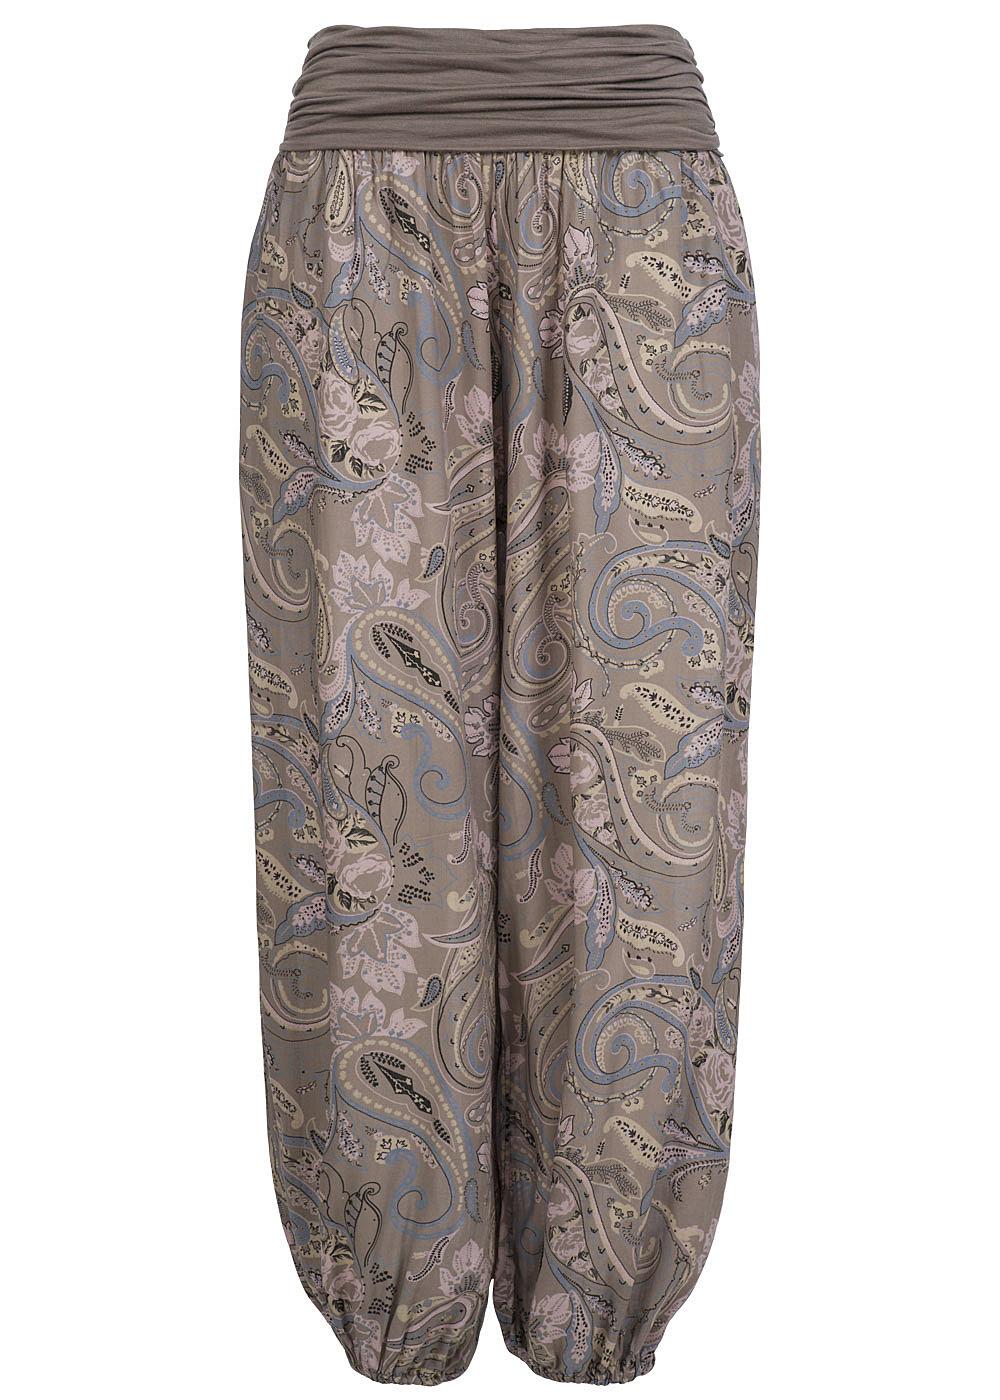 hailys damen sommer hose jasmin am 10968 2 harem style paisley muster taupe. Black Bedroom Furniture Sets. Home Design Ideas